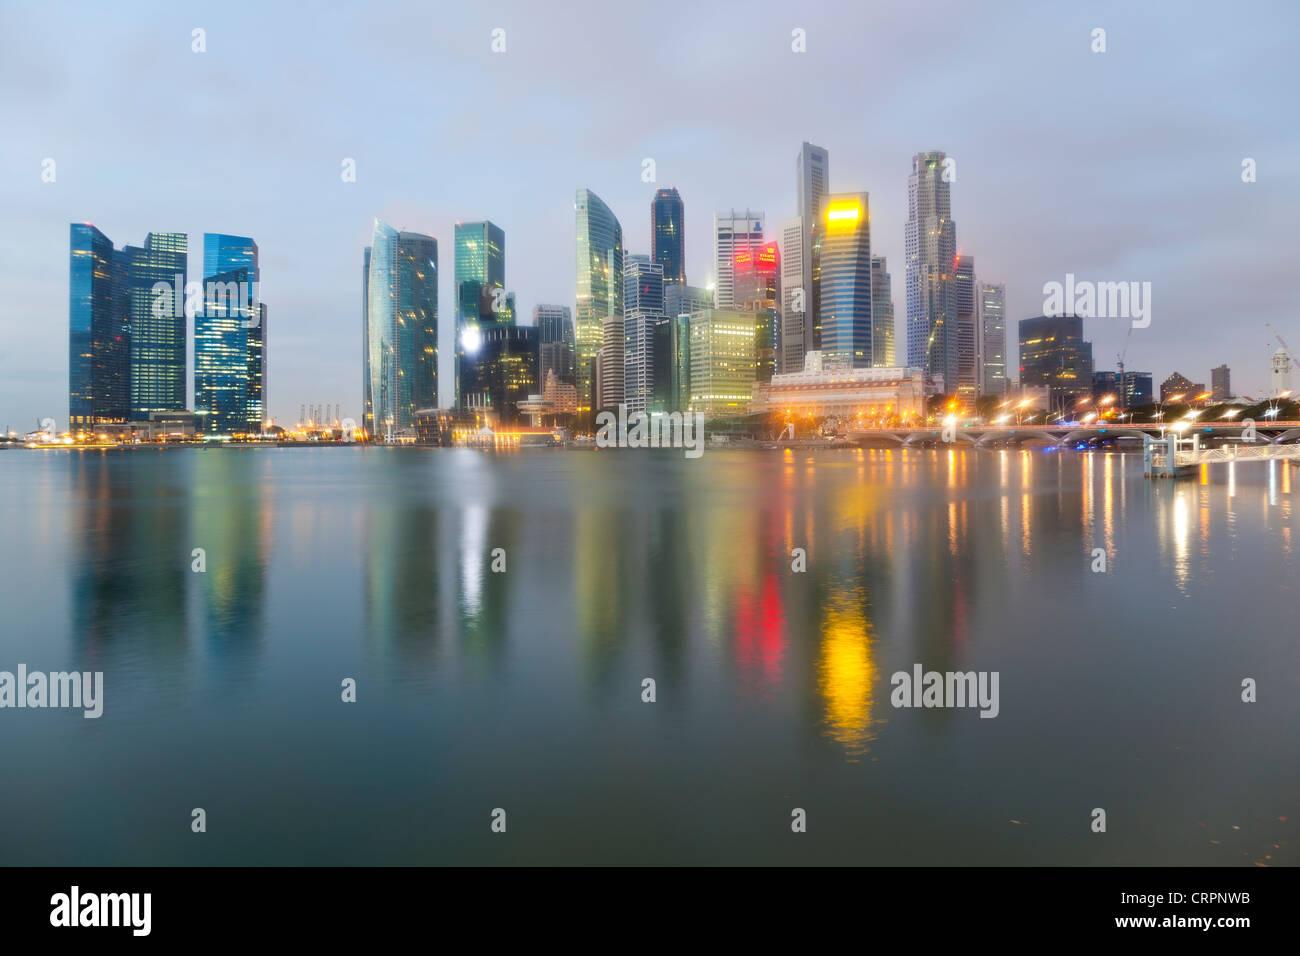 Il Sud Est asiatico, Singapore, skyline della città, vista su Marina Bay al distretto commerciale e finanziario Immagini Stock